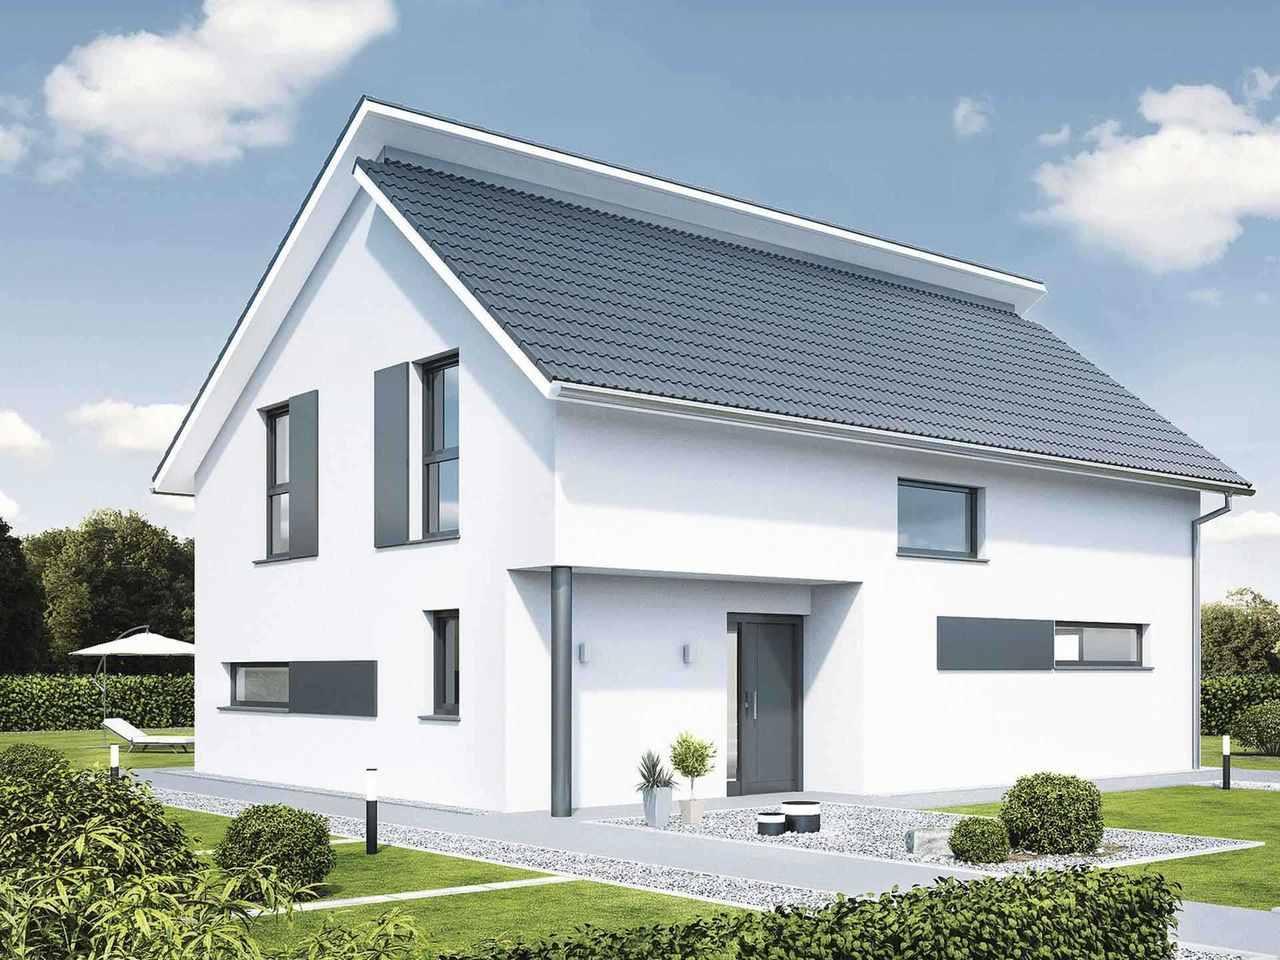 Pultdachhaus generation 5.5 - 300 - WeberHaus Variante 1